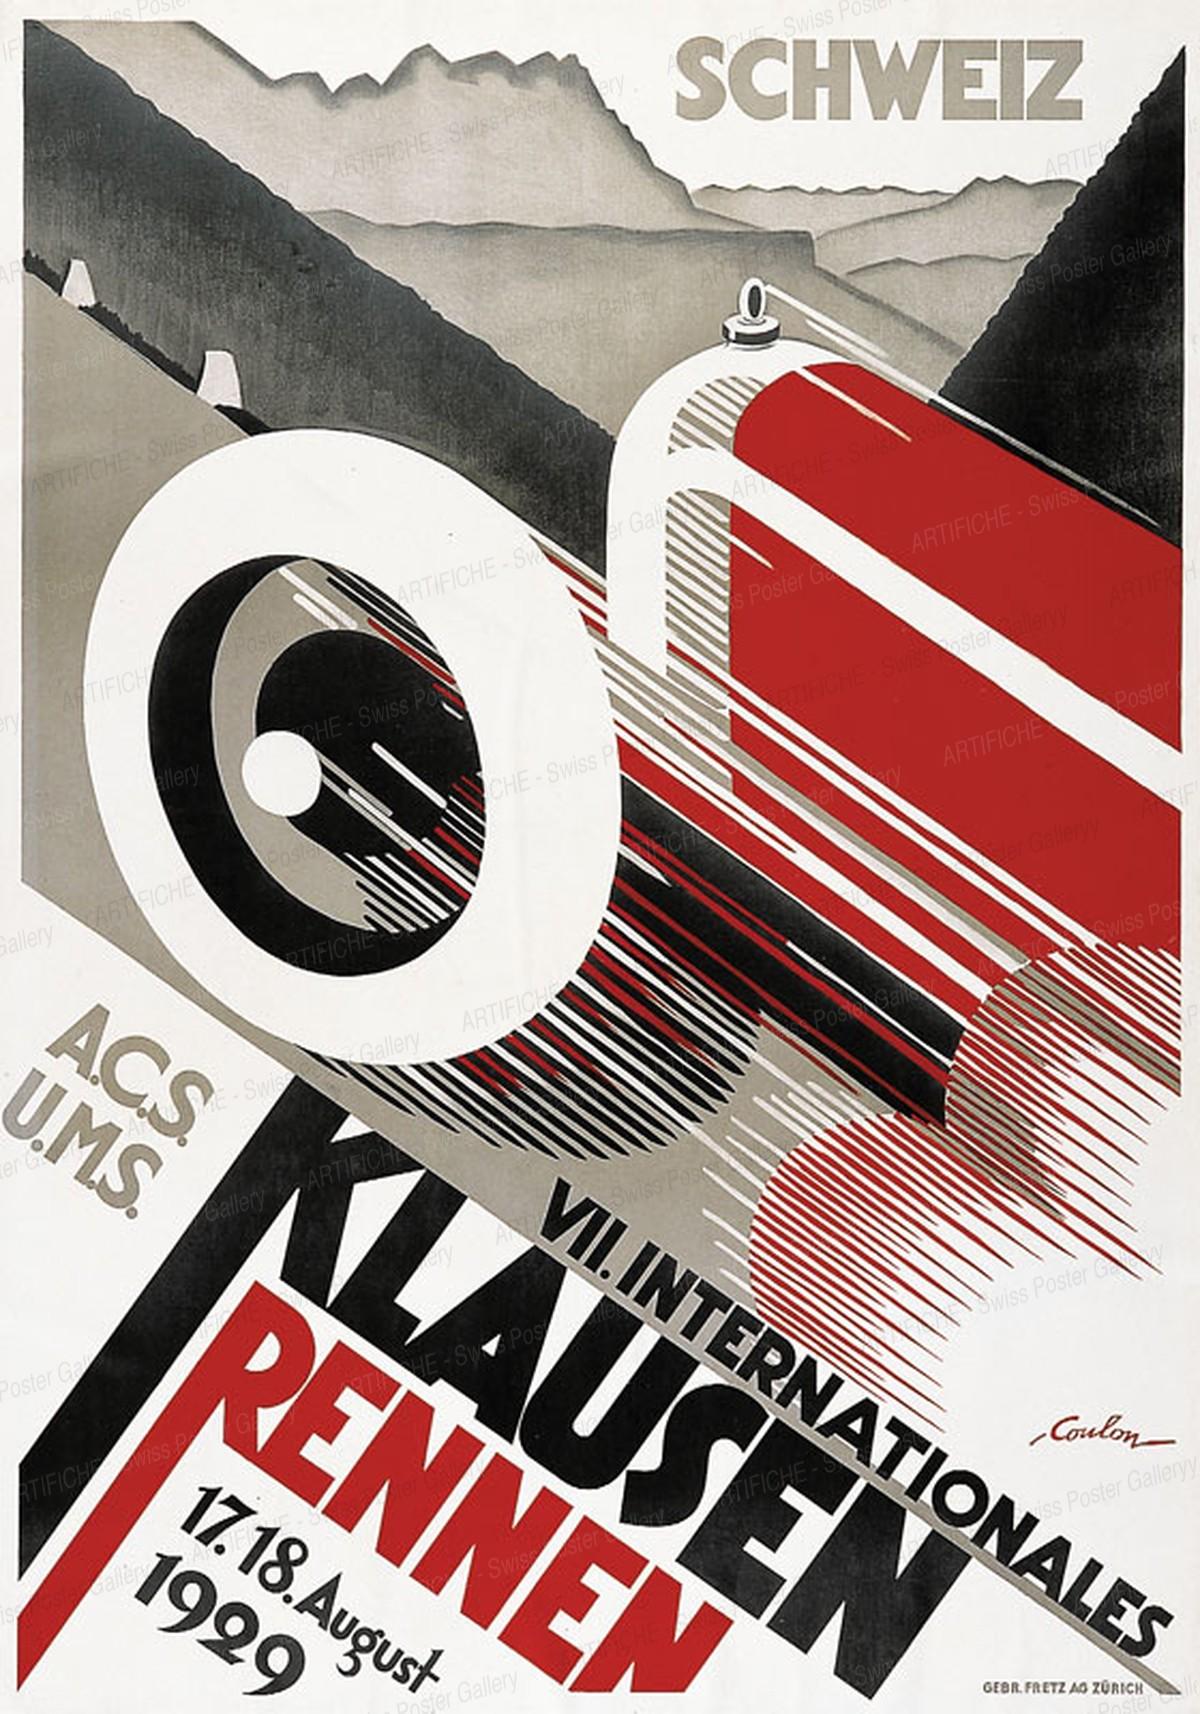 VIIème Course Internationale du Klausen 1929, Eric de Coulon